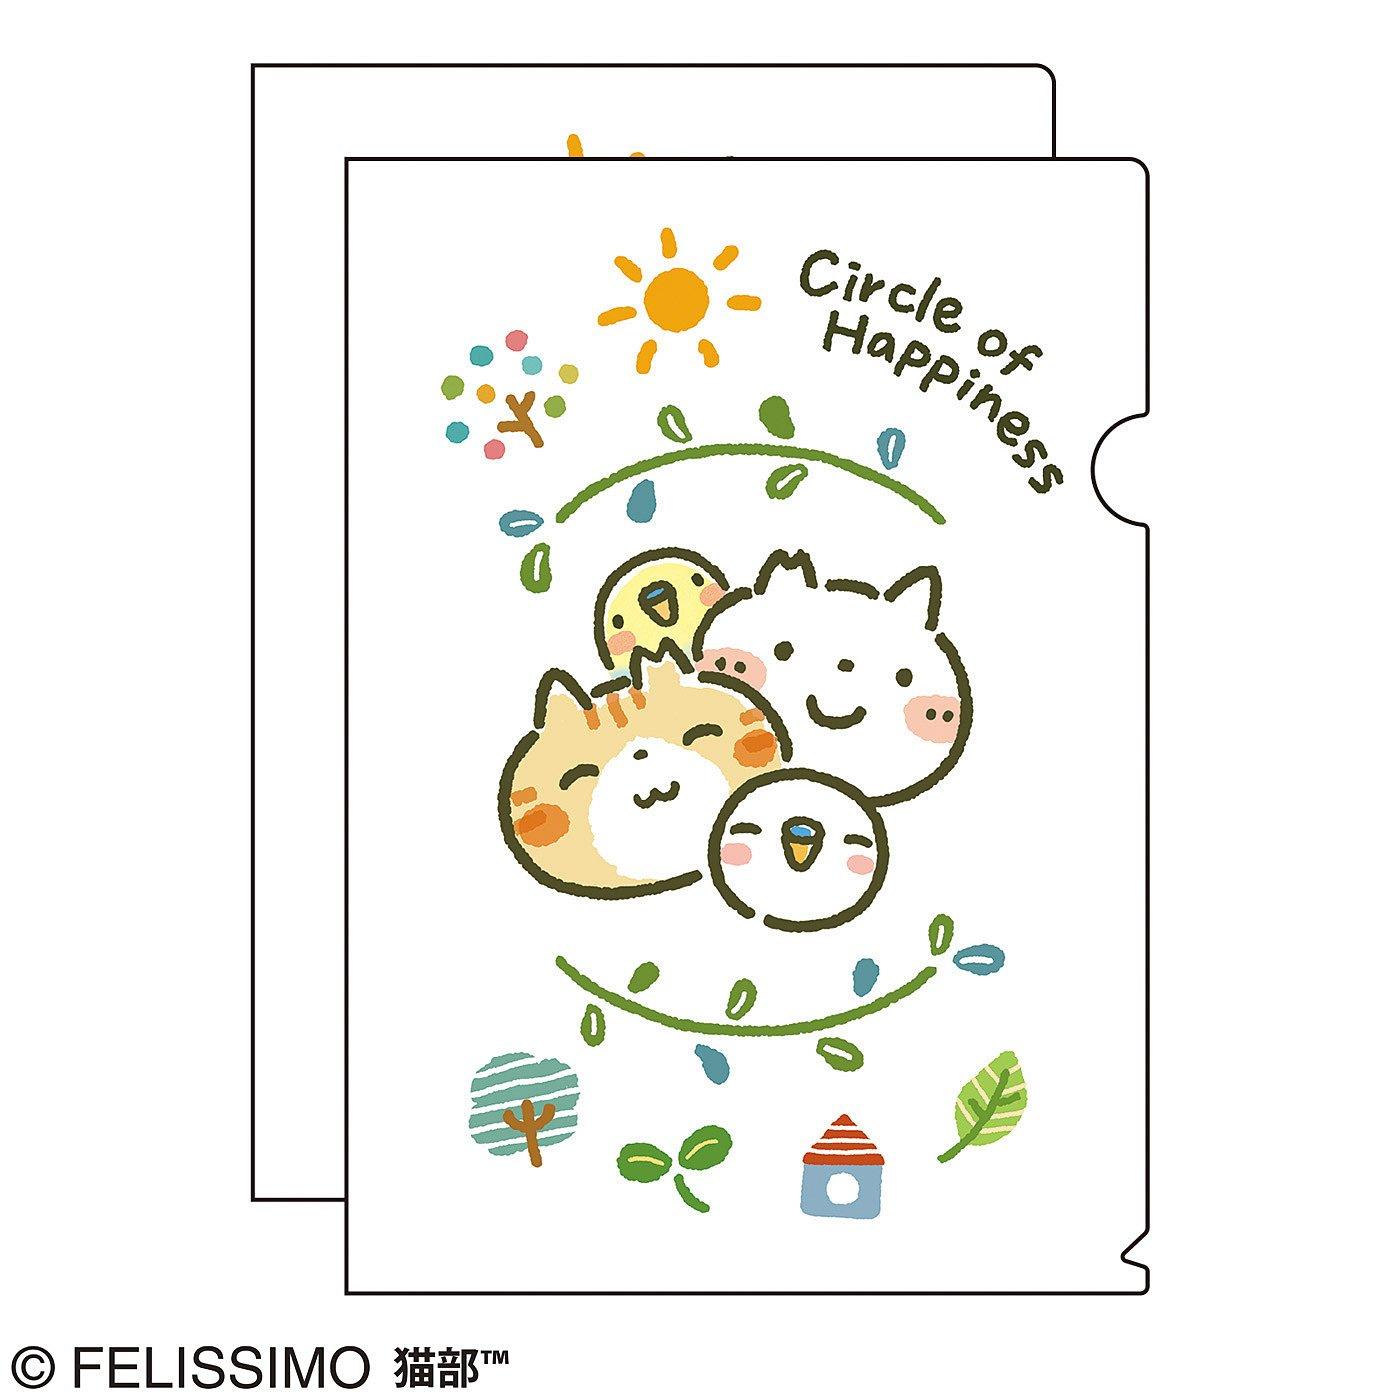 猫部×Honobono 地域猫チャリティークリアファイル2019